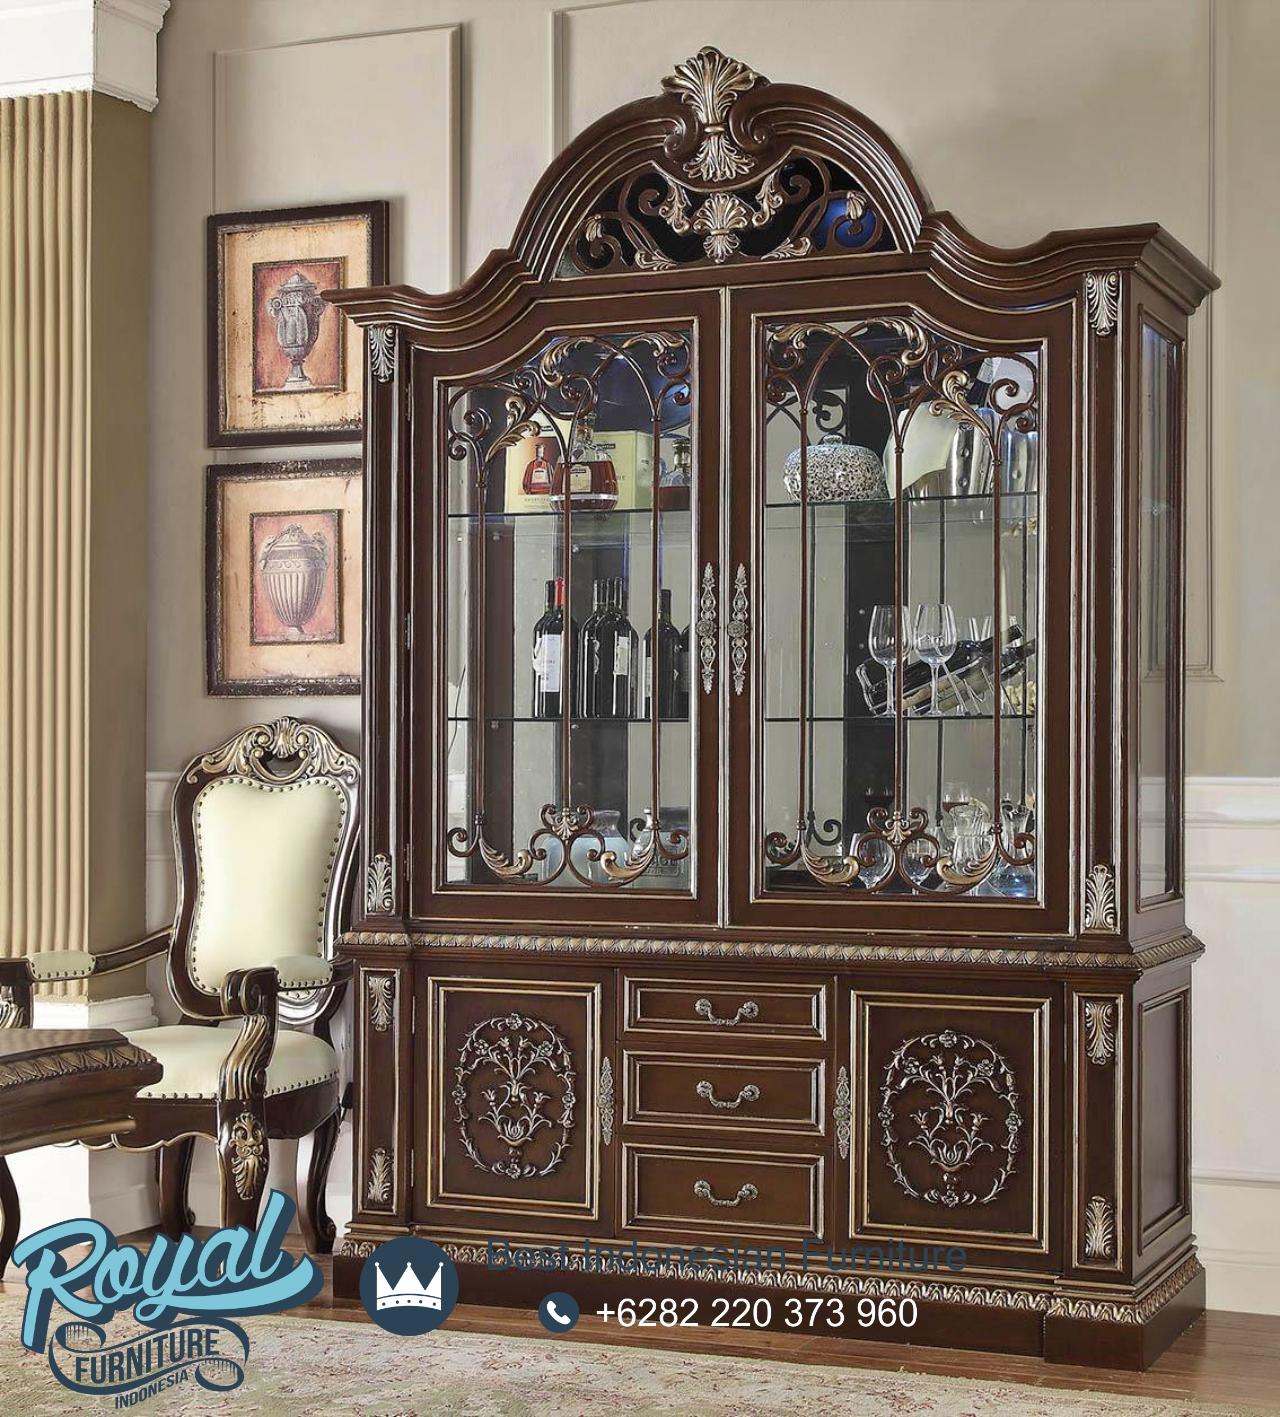 Desain Lemari Hias Ruang Tamu Klasik Eropa Jual Lemari Pajangan Jati Klasiik Terbaru Royal Furniture Gambar lemari hias ruang tamu